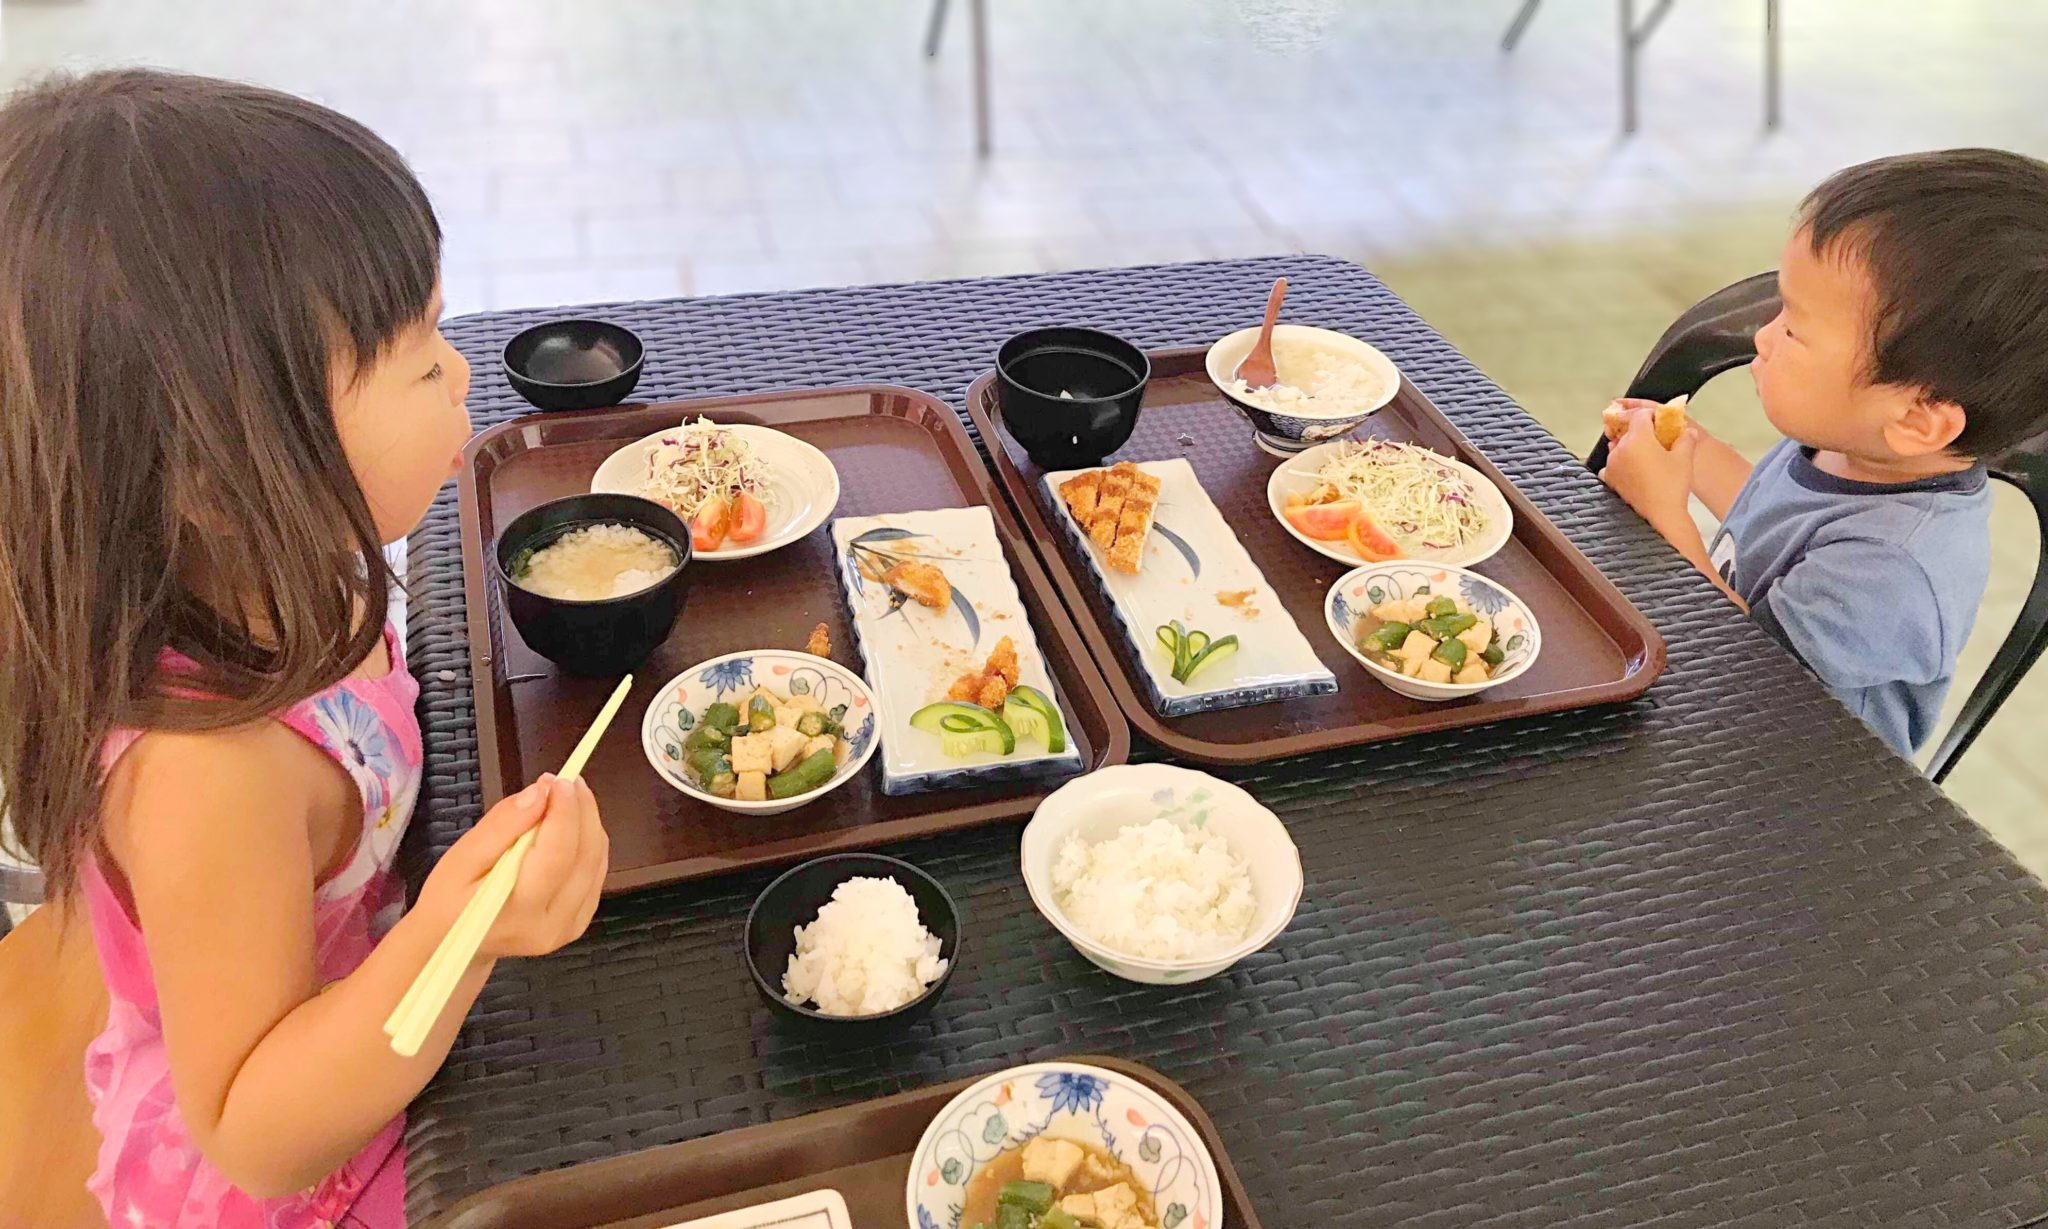 セブ島留学「タカハリイングリッシュアカデミー」親子留学卒業生の声。戸田輝ファミリーの体験談